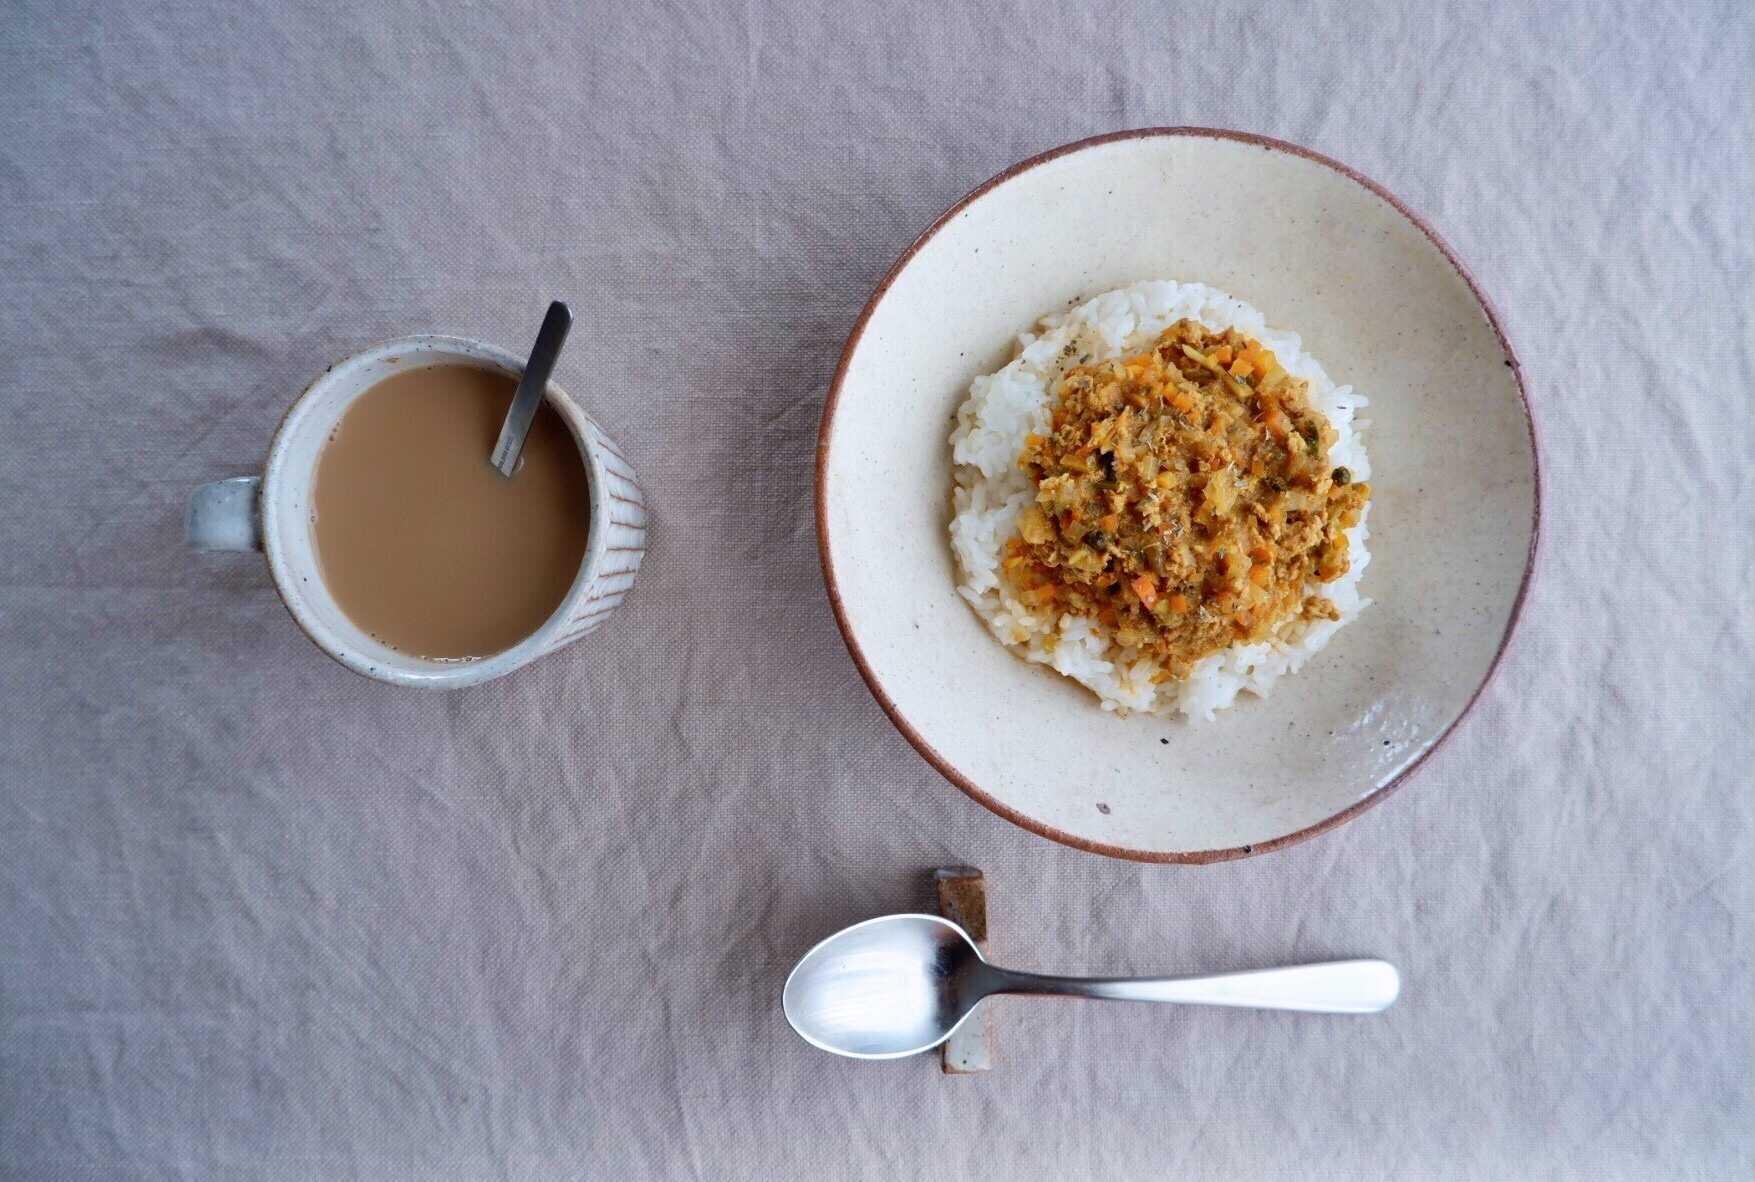 山田雅子さんが作る食器は和洋中、食材や料理を選ばないシンプルな色合い。熱にも強いので、家庭用の電子レンジなら使用することができます。